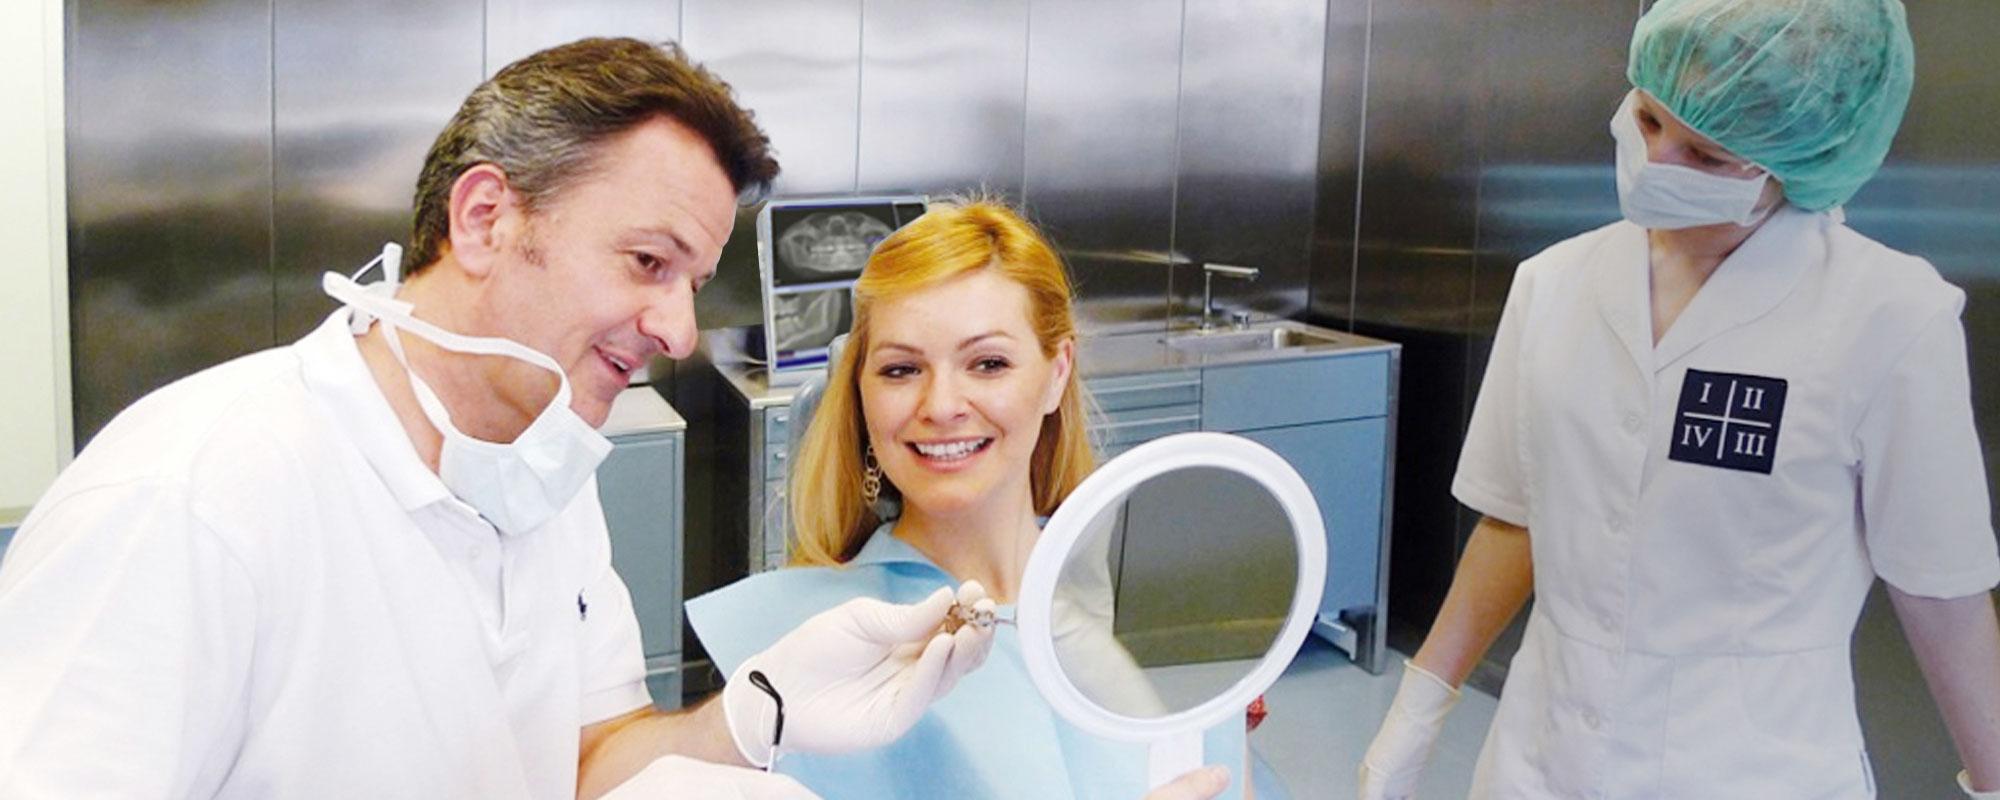 Odontoiatria senza compromessi